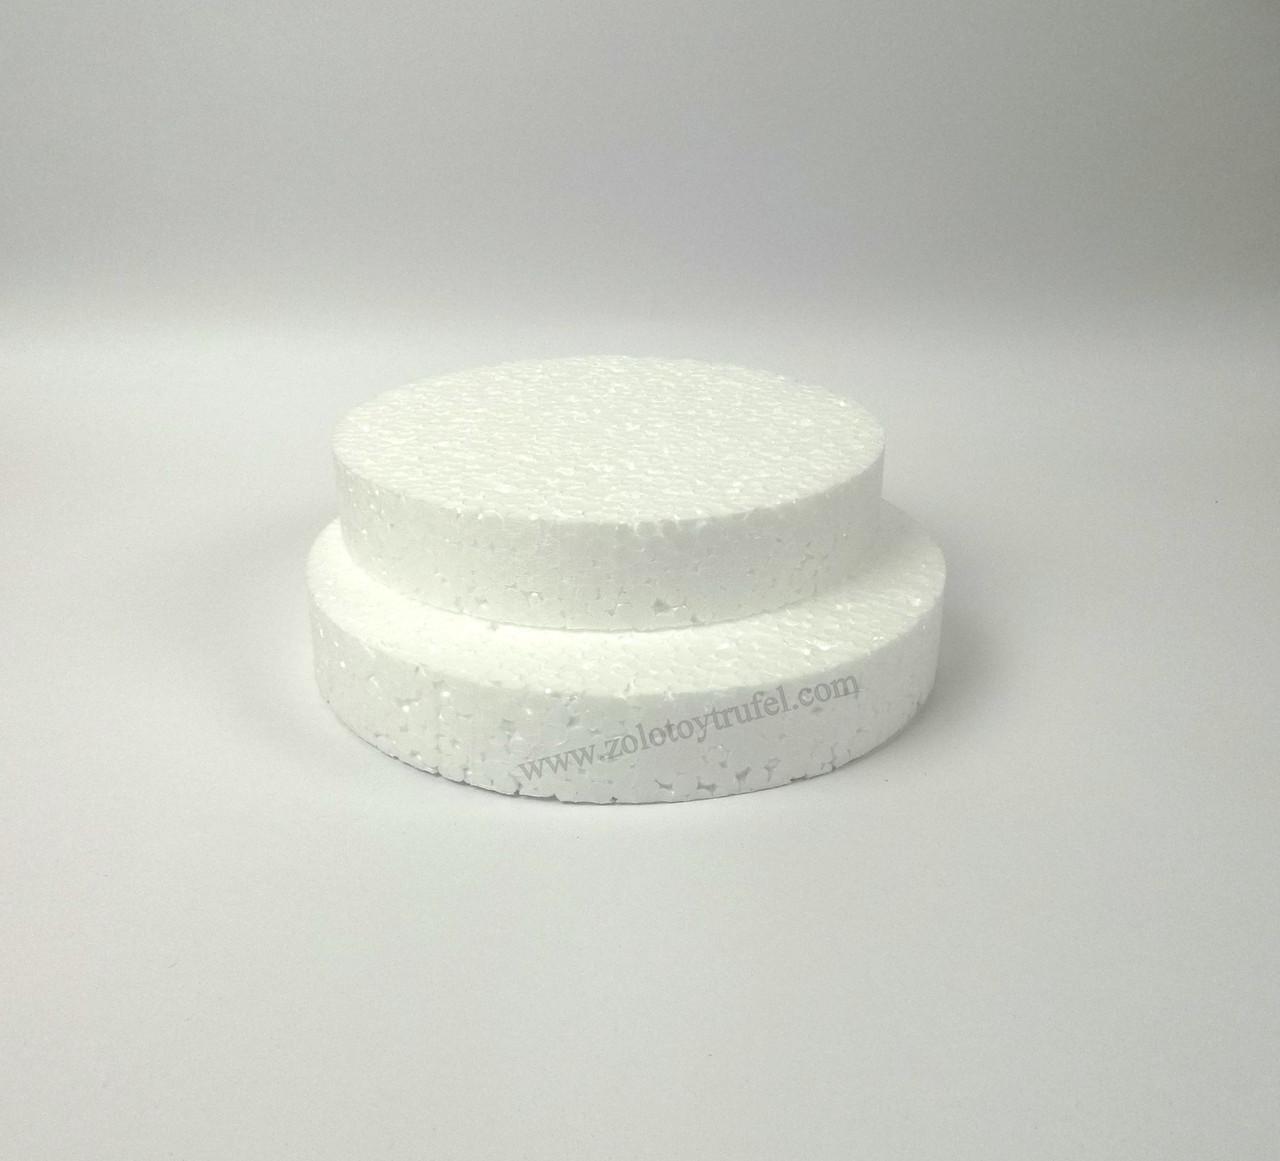 Прослойка пенопластовая для торта d 46 см h 3 см